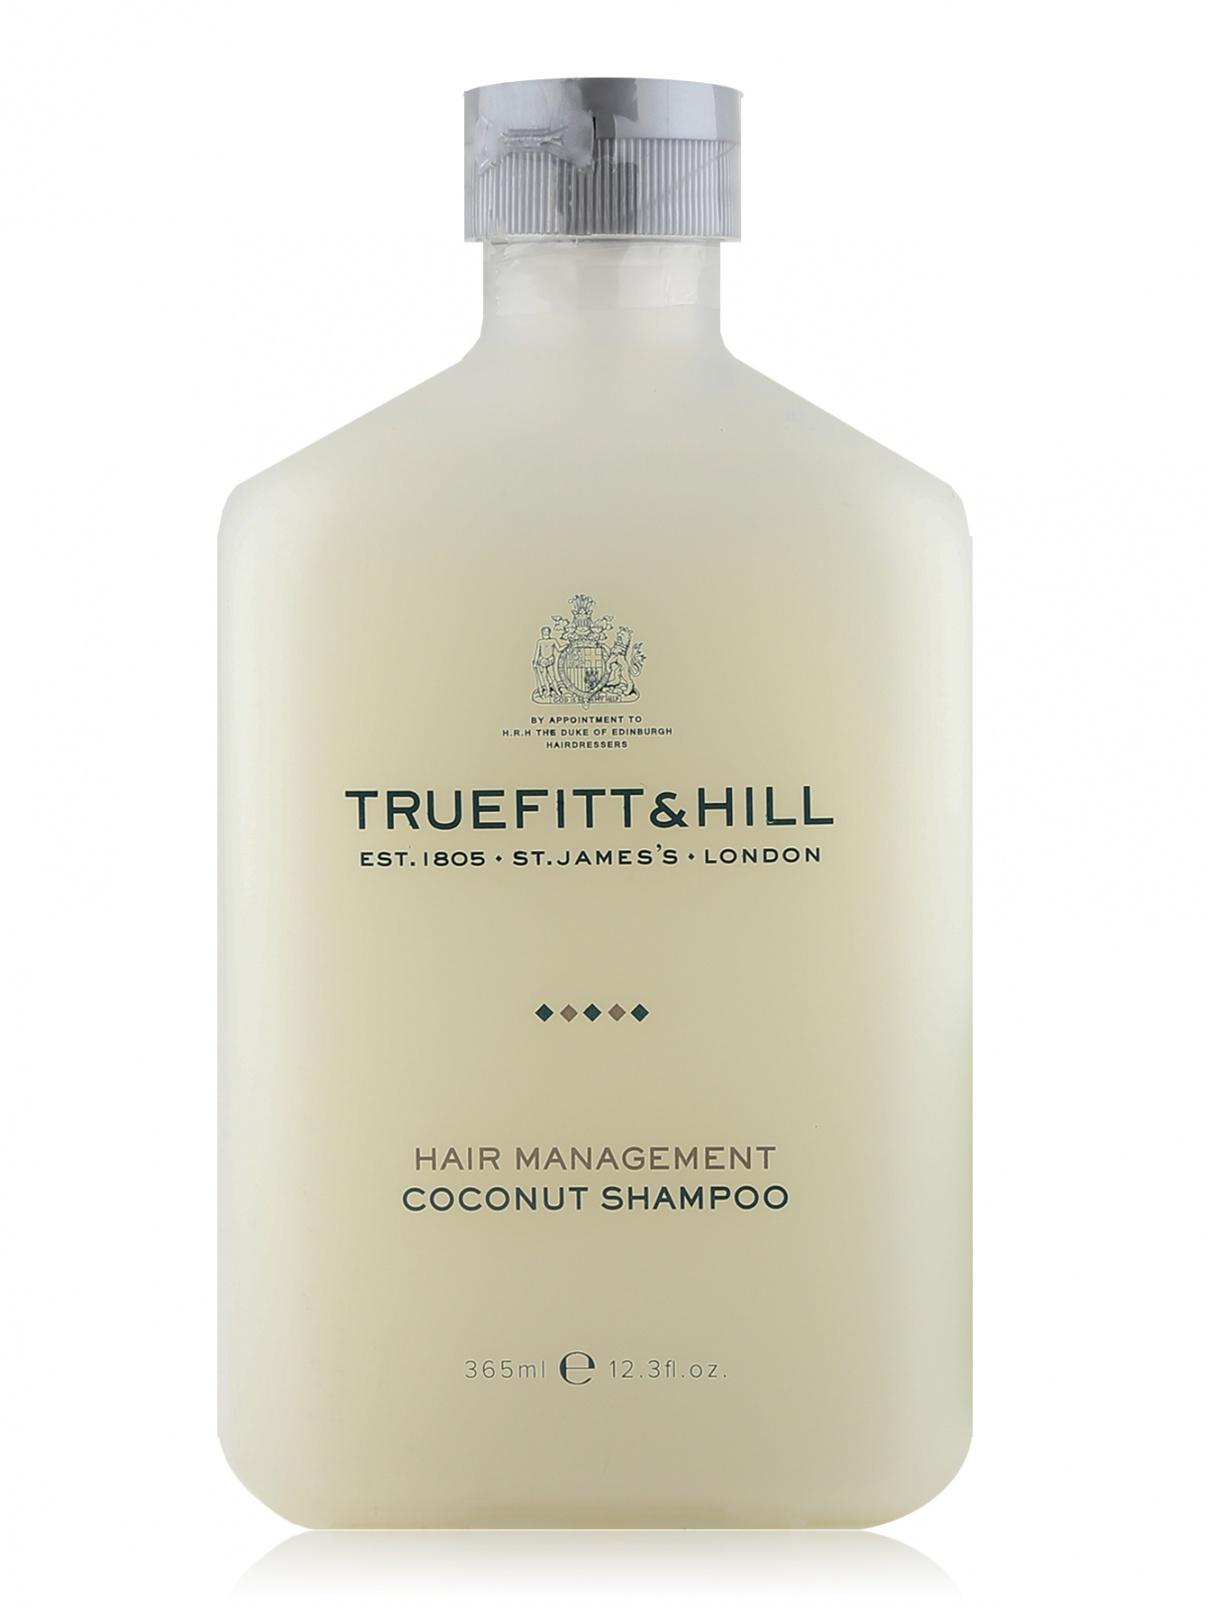 Шампунь для чувствительной кожи головы - Coconut shapoo, 365ml Truefitt & Hill  –  Общий вид